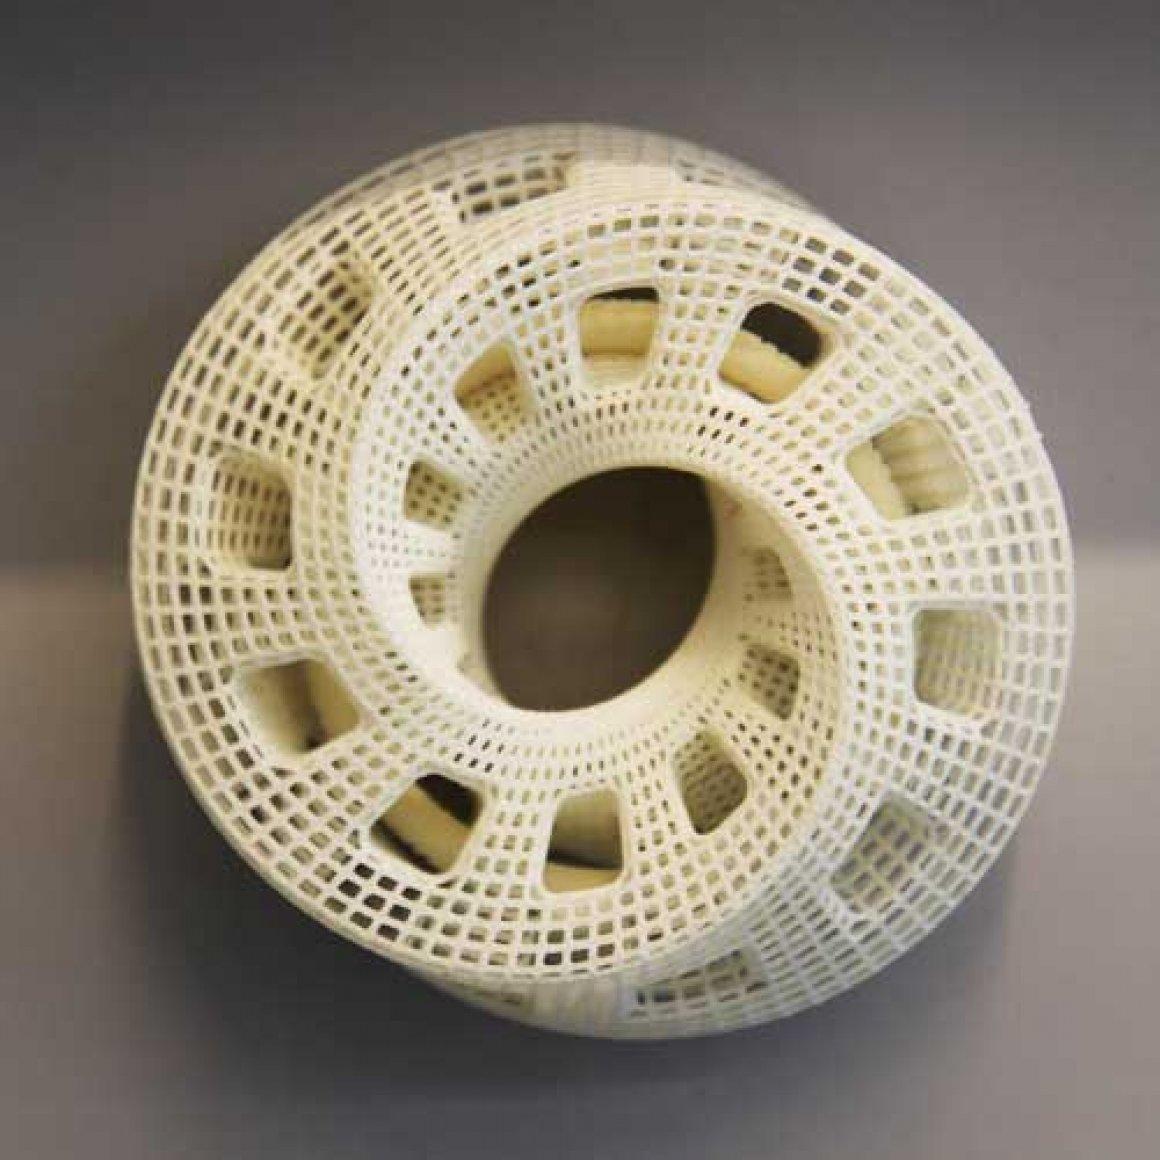 design-manufacturing-circular-economy-2